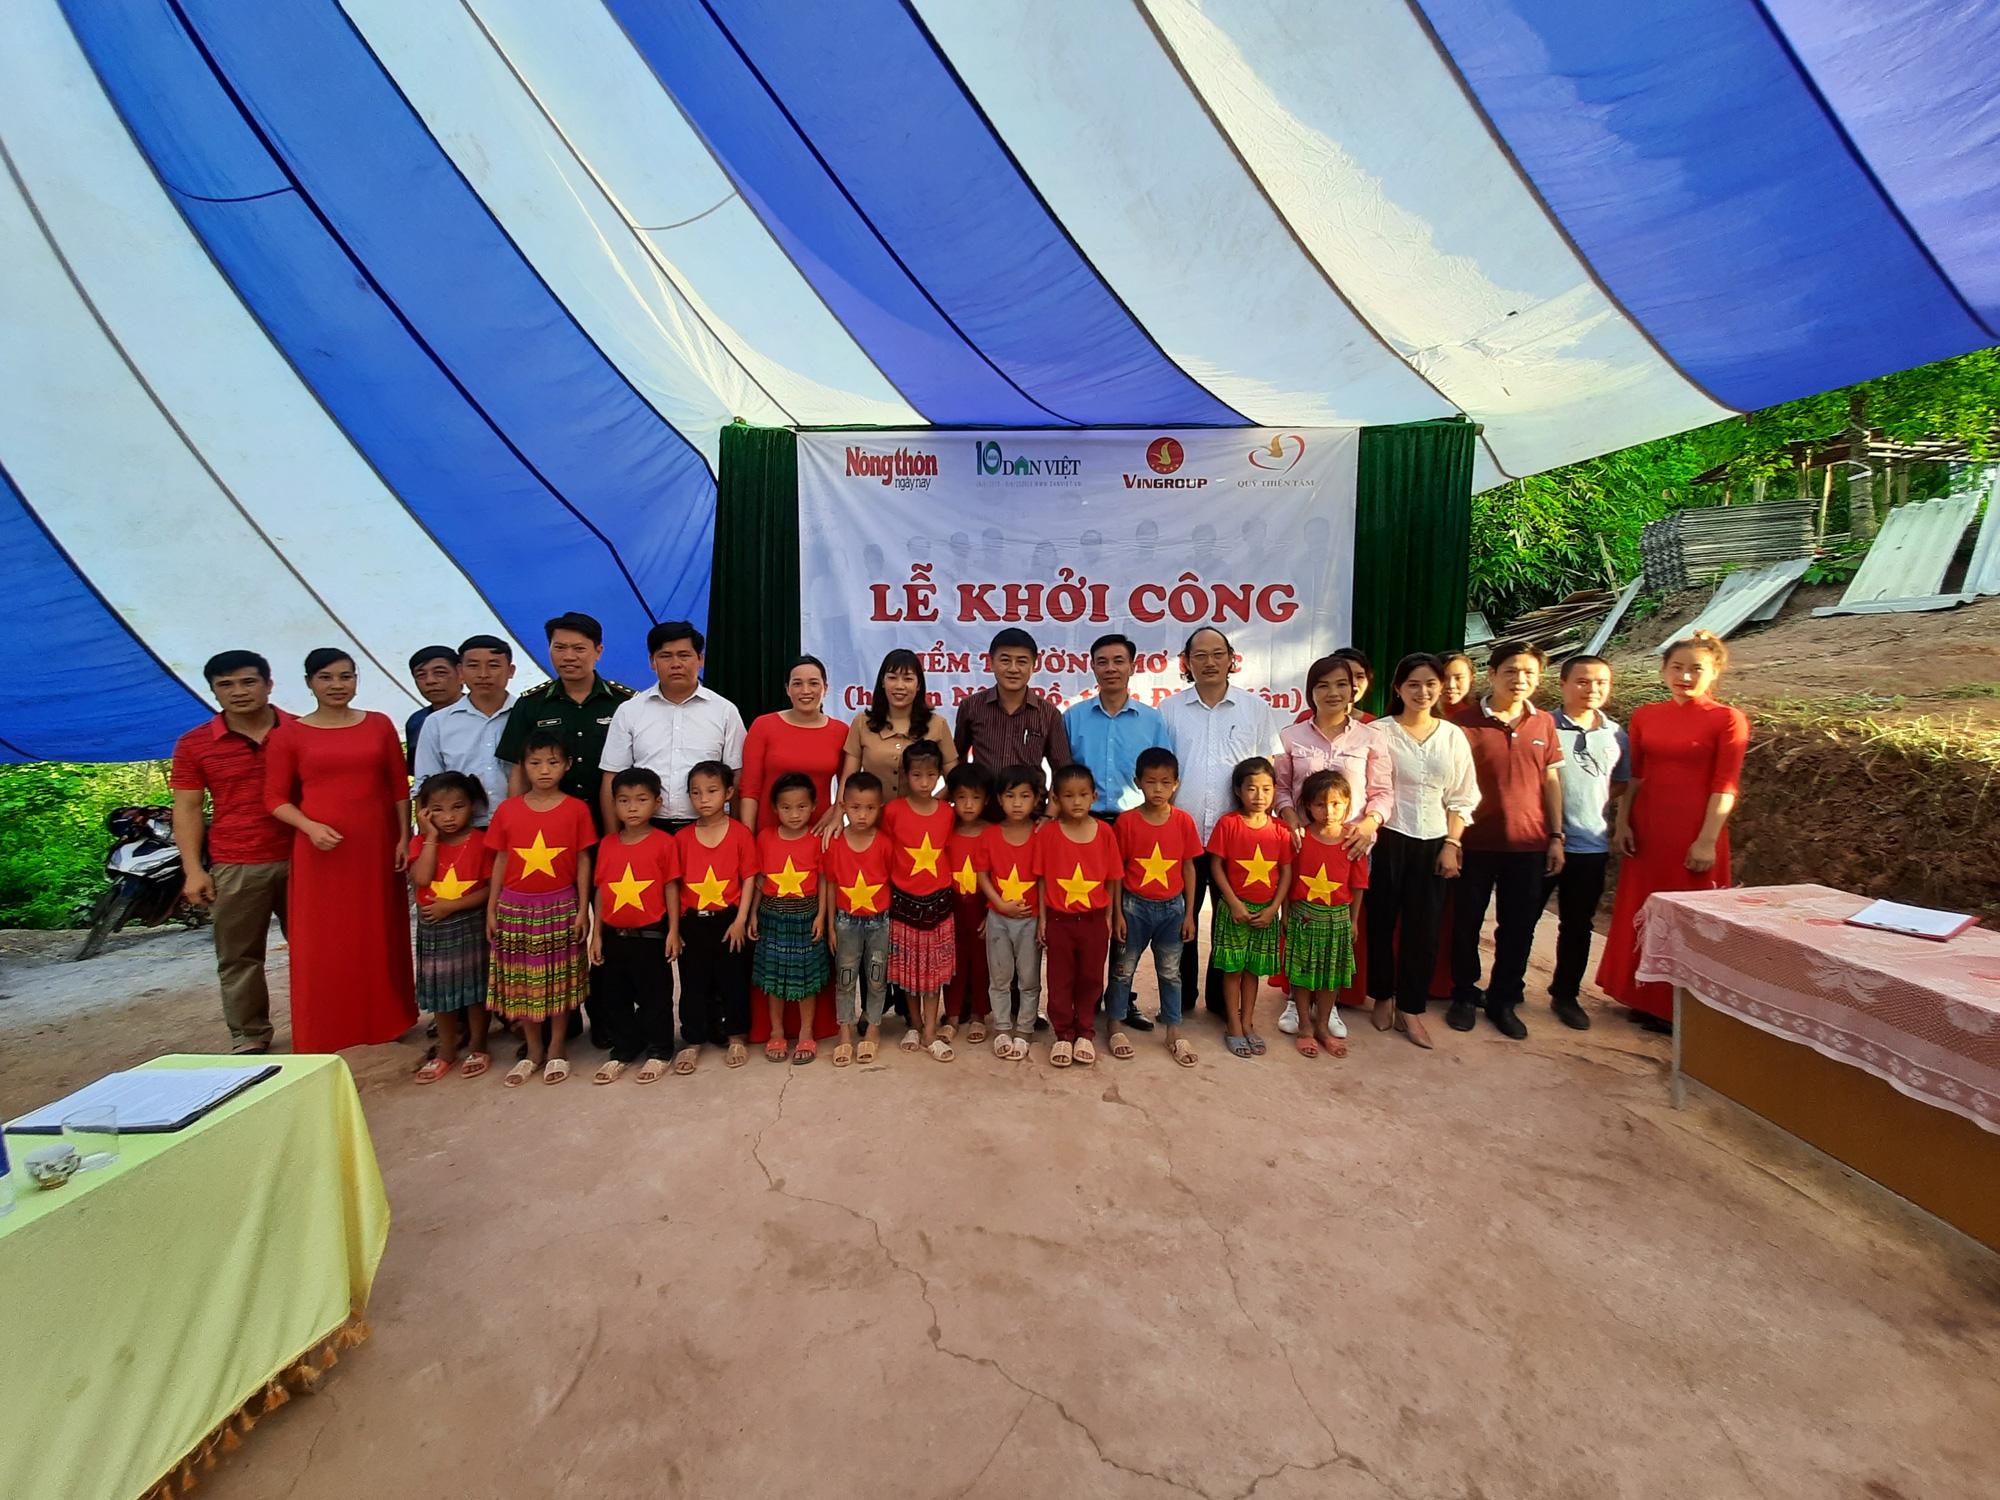 Dân Việt - Hành trình  10 năm thiện nguyện - Ảnh 2.